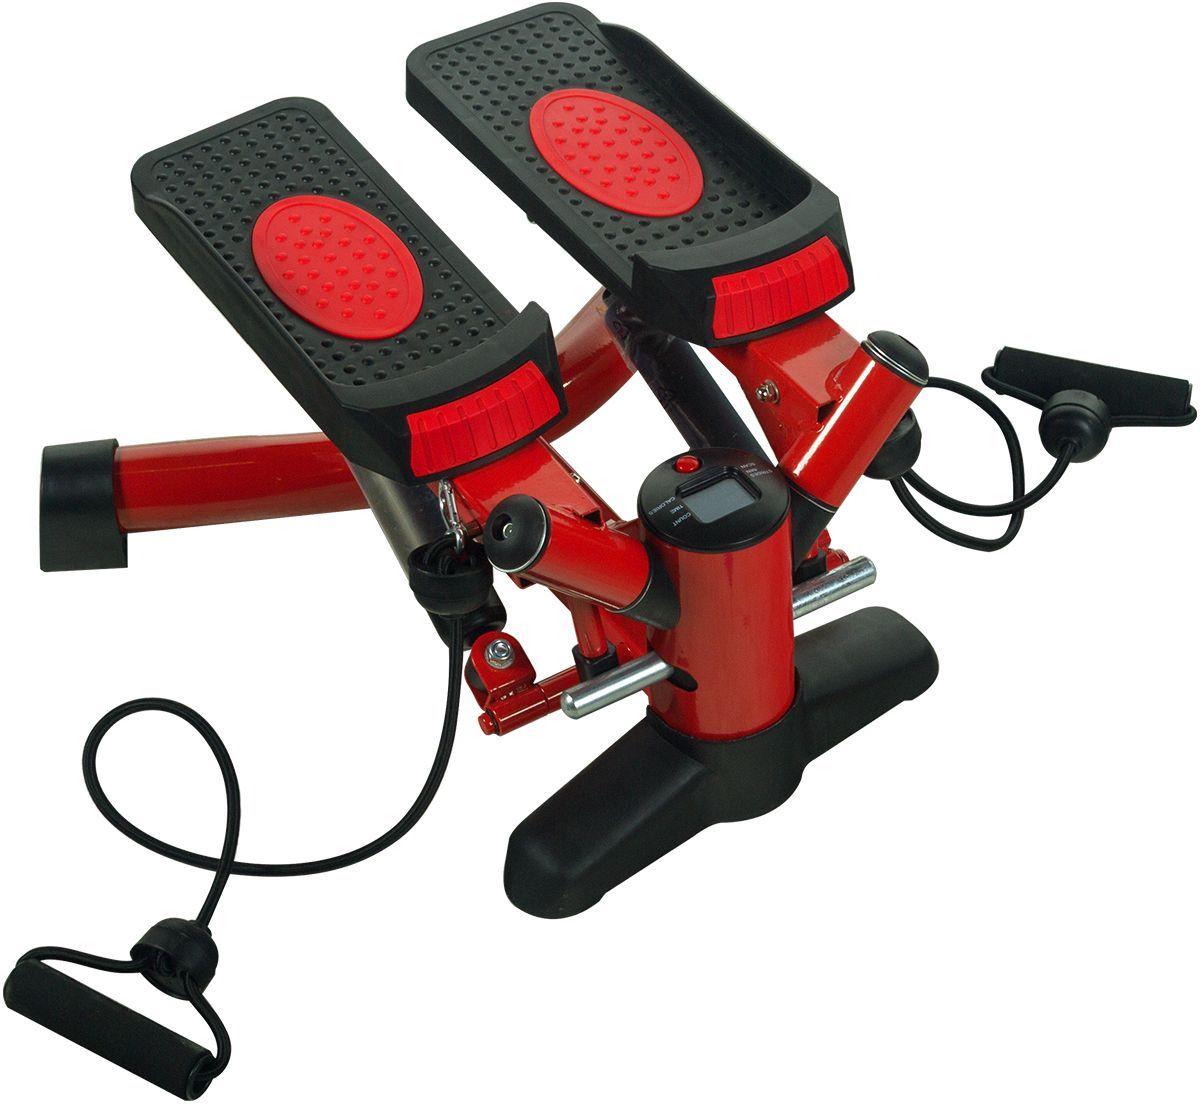 Тренажер для бедер и ягодиц Starfit HT-102 Mini Stepper, с эспандерамиУТ-00007558Тренажер для бедер и ягодиц HT-102 Mini Stepper - это тренажер STARFIT, который необходим и профессиональному атлету, и обычному офисному работнику. Он безопасен для новичков и занимает мало места при хранении.Функция поворота ступней позволяет производить ротацию тазобедренного сустава, что в свою очередь позволяет, при полном поднятии стопы в верхней точке, максимально растягивать волокна ягодичных мышц, что в итоге спровоцирует их более полноценную проработку.Дополнительное отягощение в виде эспандеров разнообразит тренинг и сделает его функциональным.Научно доказано, что степперы могут сжечь больше калорий, чем любые другие кардио-тренажеры при условиях одинаковой интенсивности. Степпер – необходимый помощник в тренировке ягодиц, задней поверхности бедра, квадрицепсов, икроножных и камбаловидных мышц.